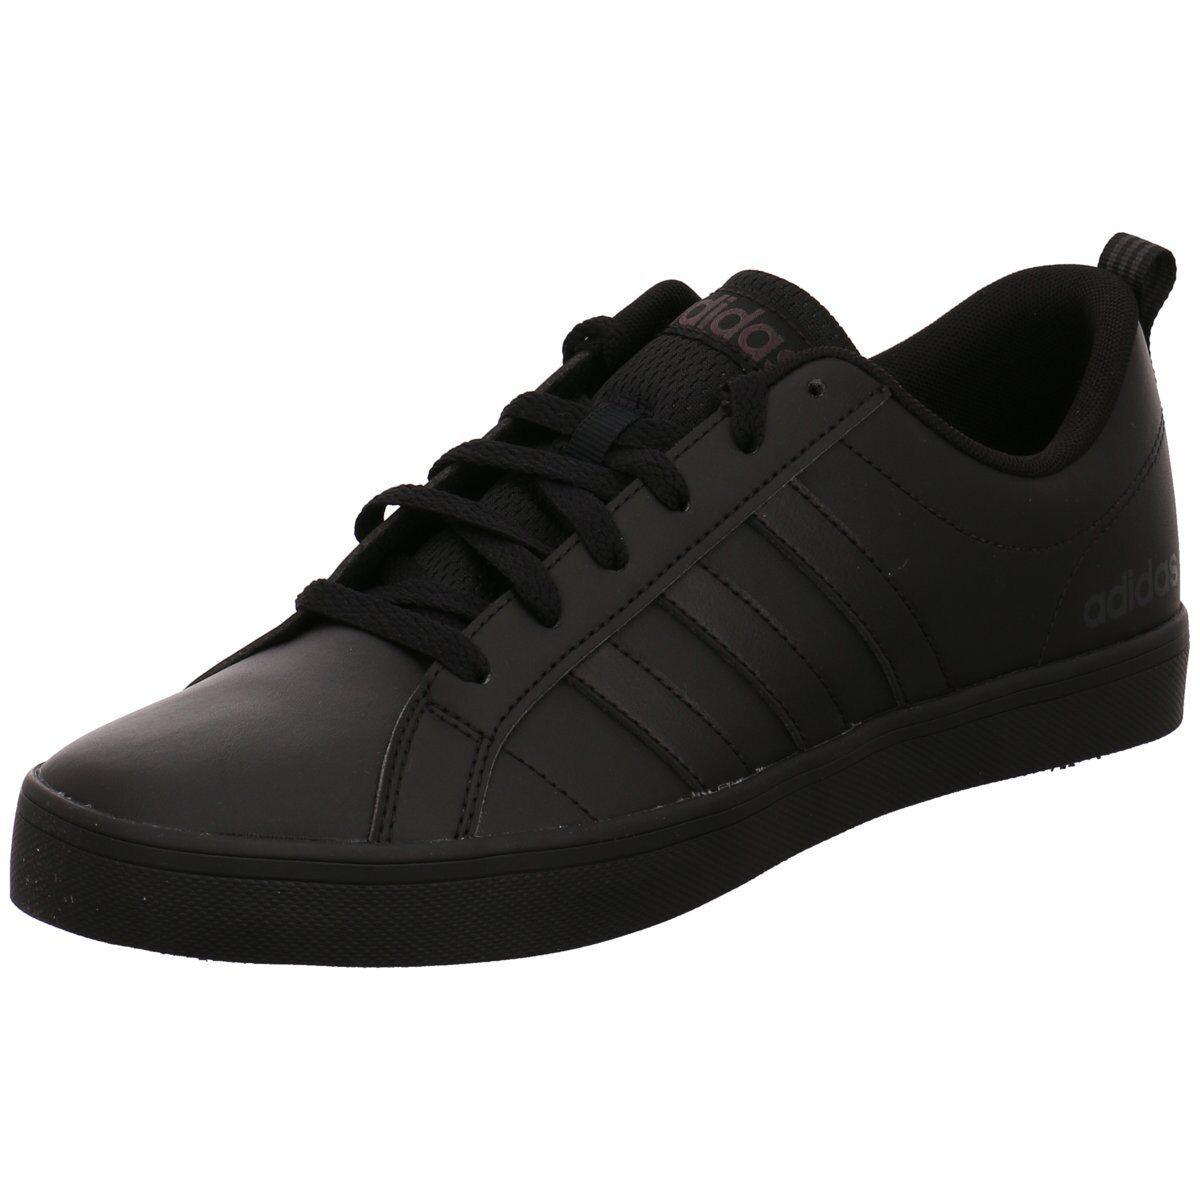 NEU adidas NEO Herren Sneaker Training VS PACE B44869 schwarz 497747